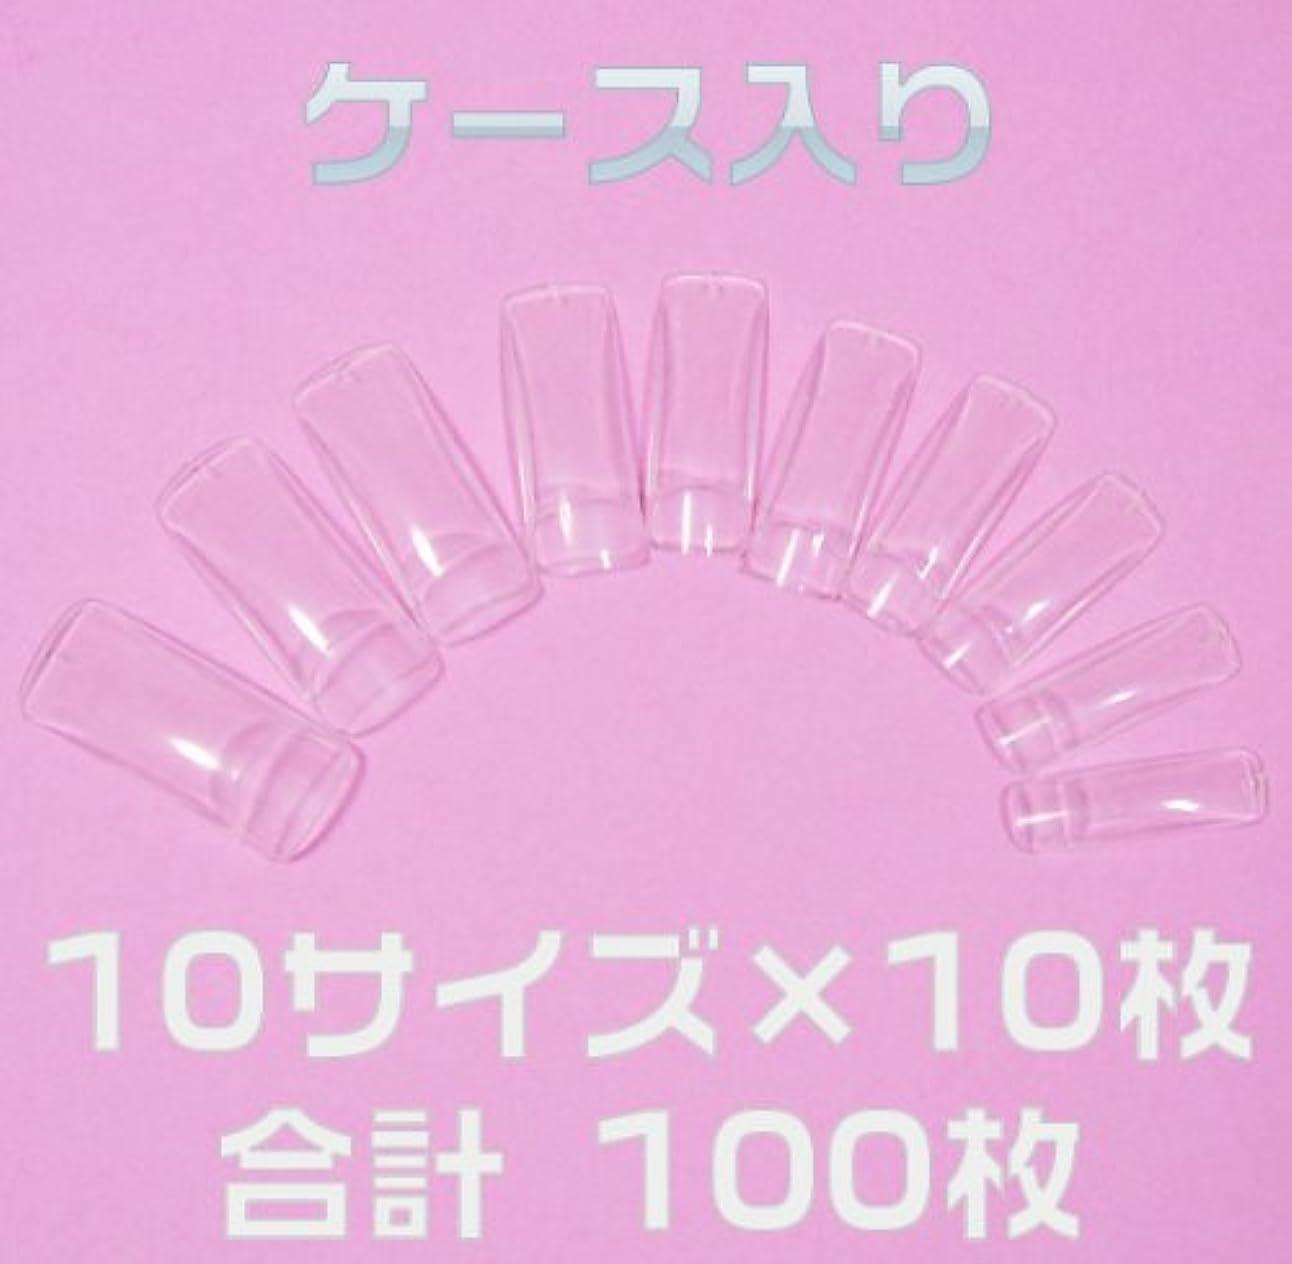 文字アルファベット順勝者ネイルチップ チップオーバーレイ用 クリア 100枚[#c3] つけ爪付け爪